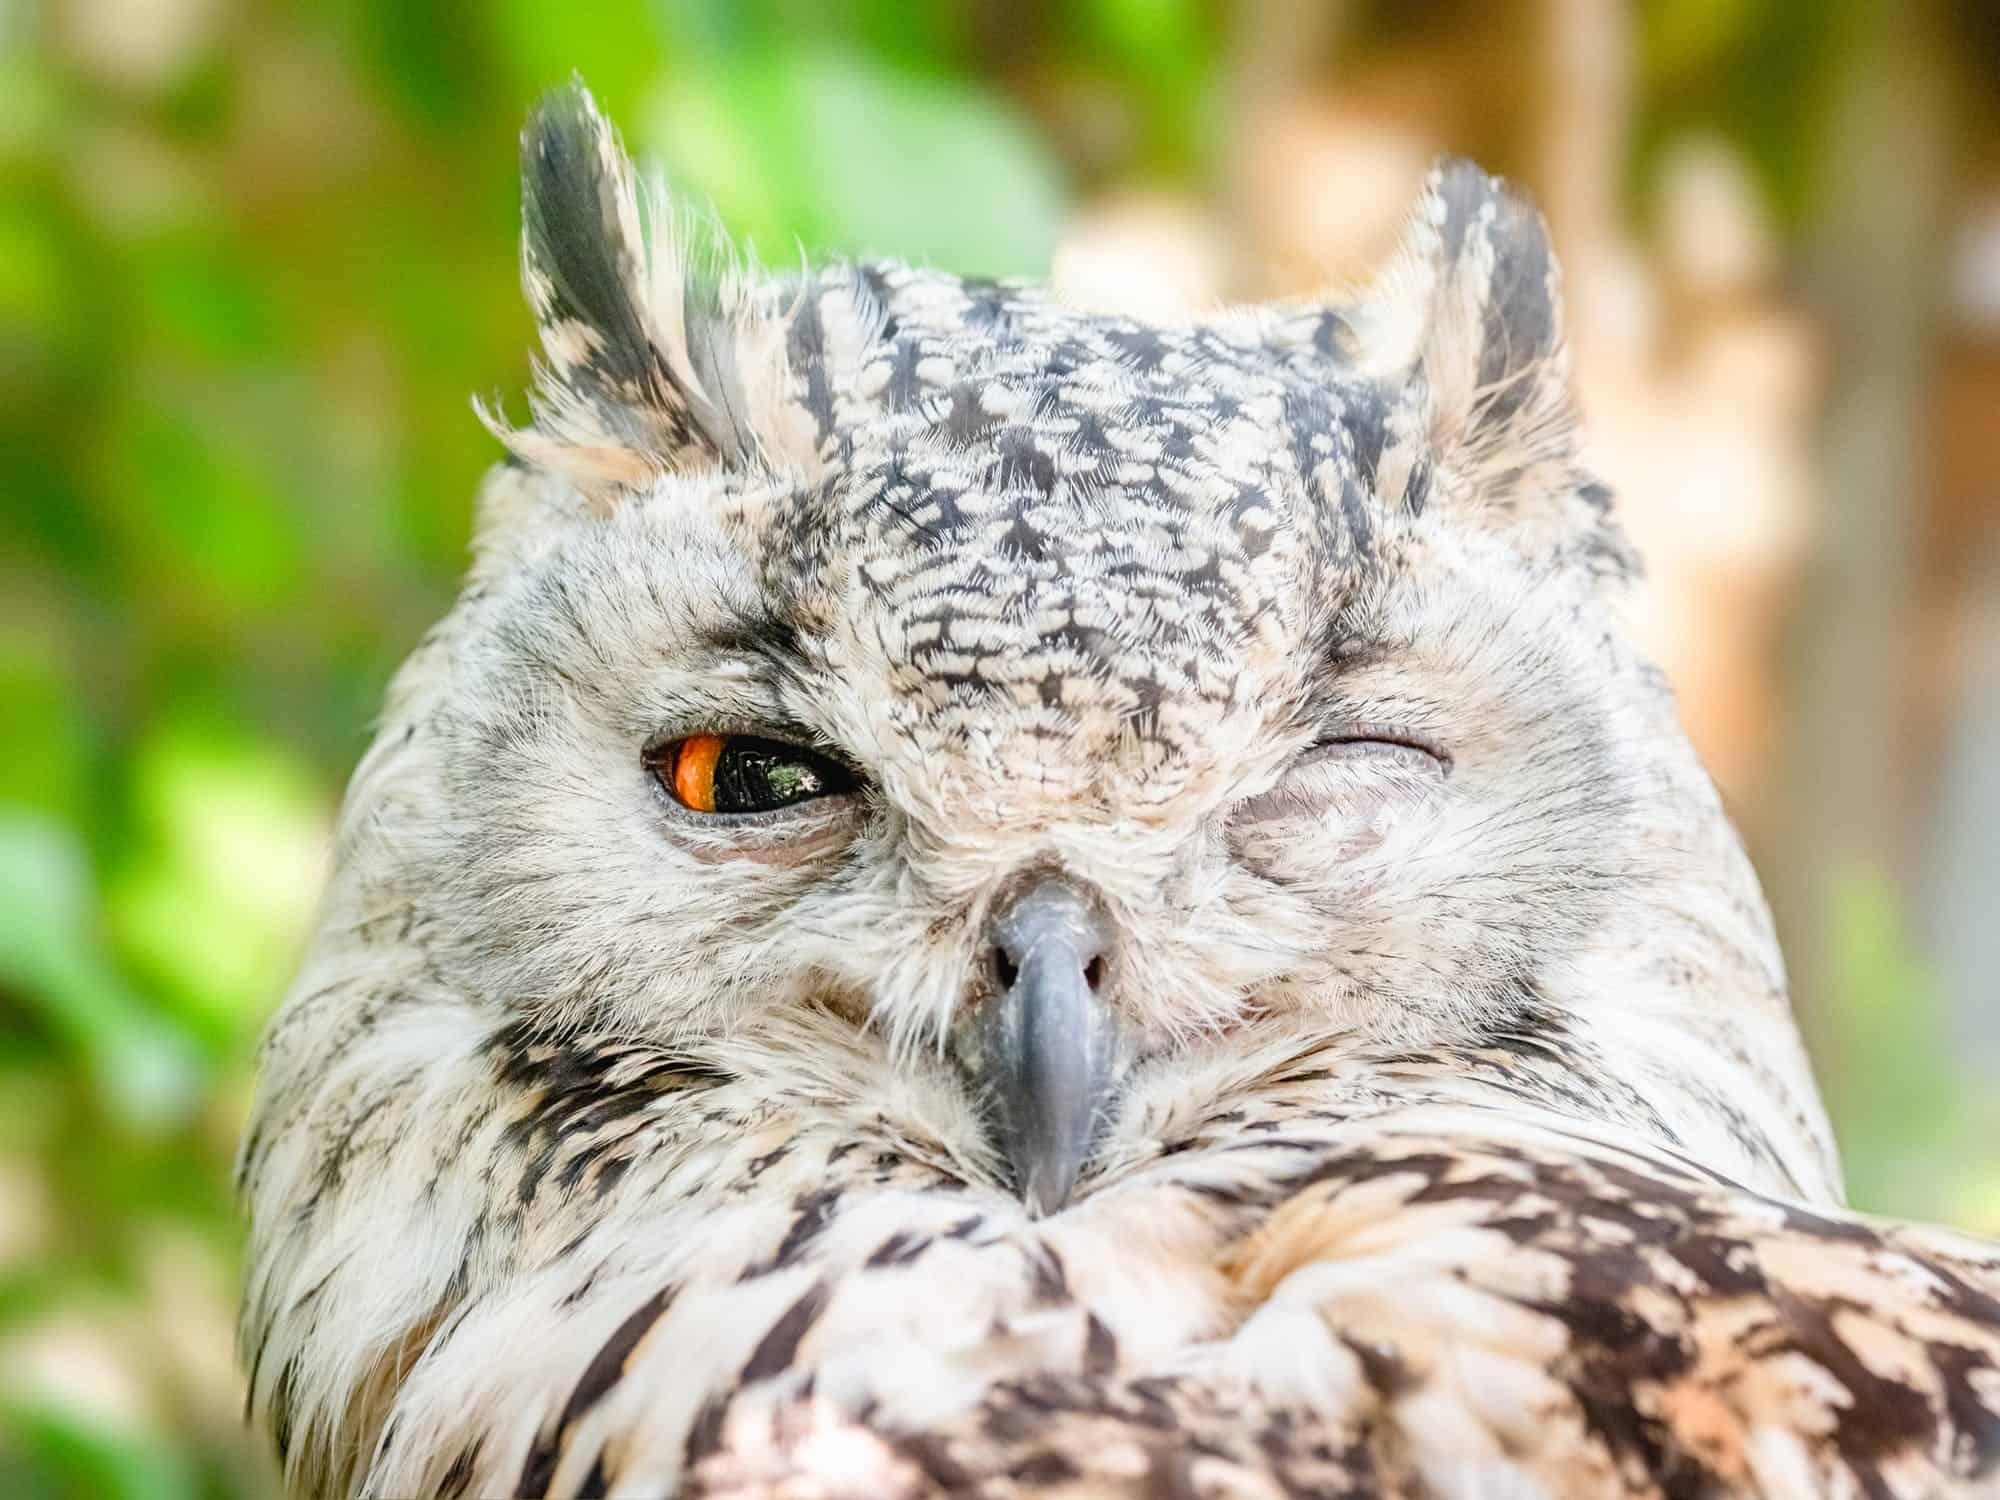 A mischievous owl